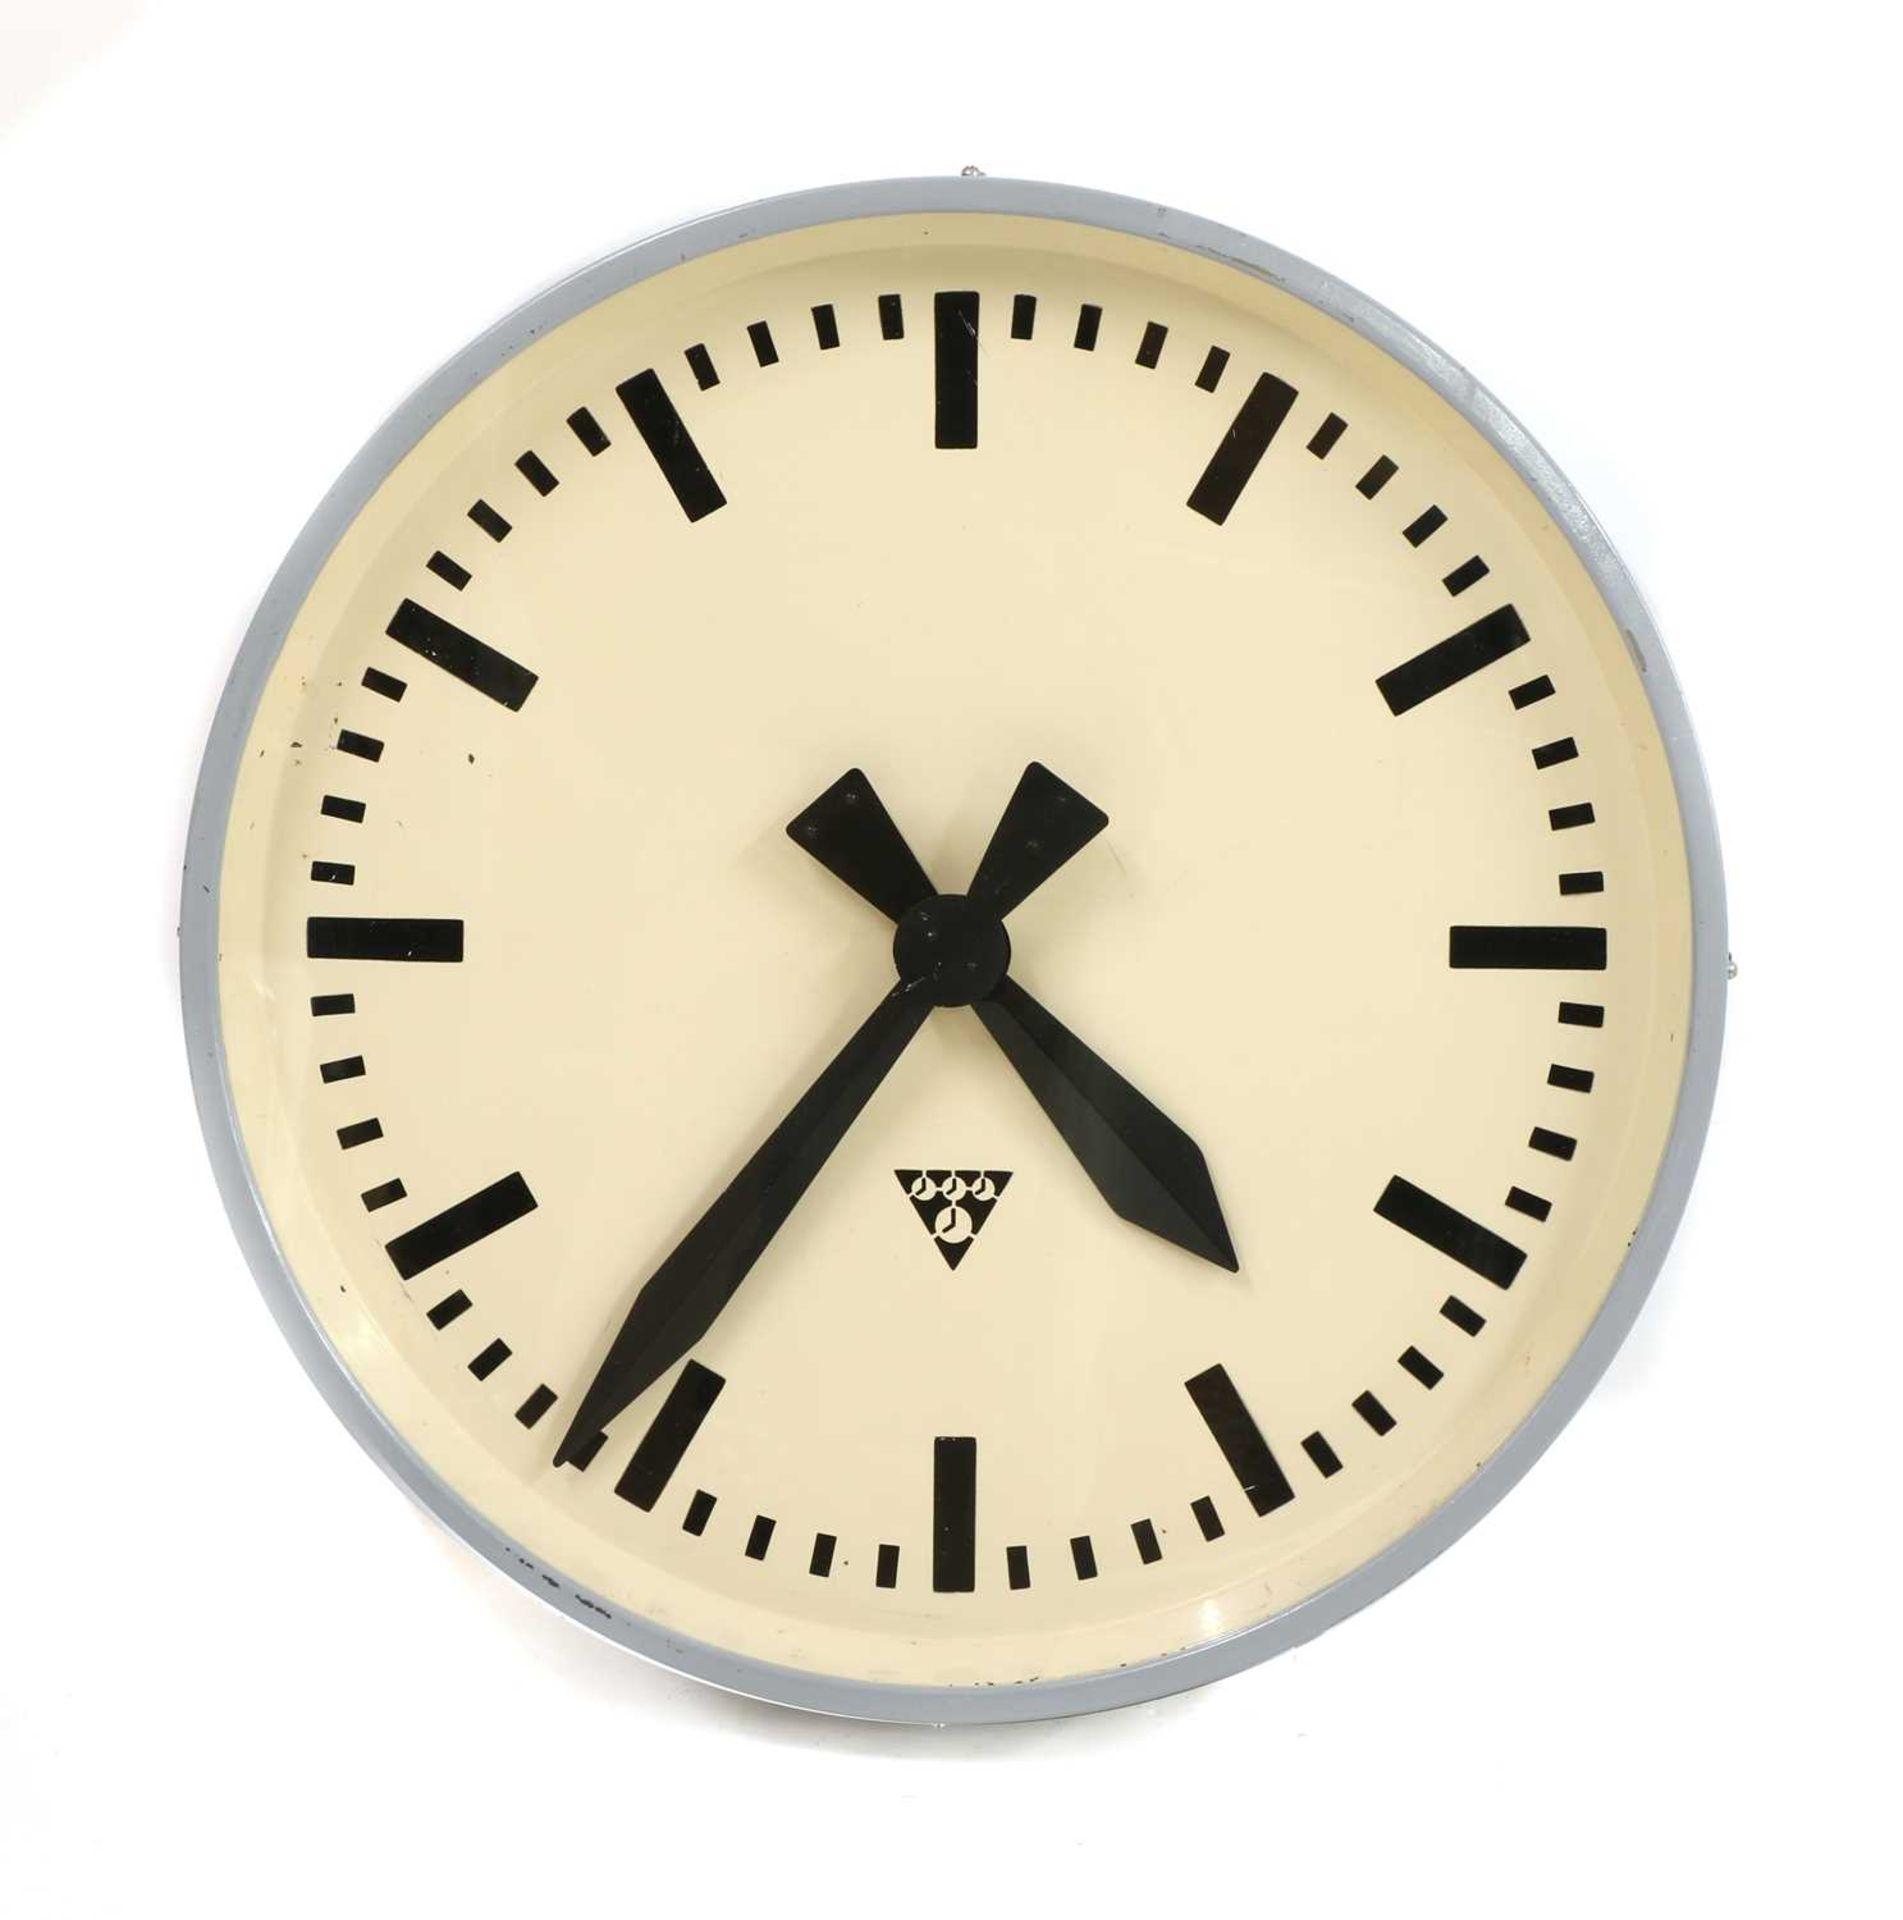 A Pragotron wall clock,